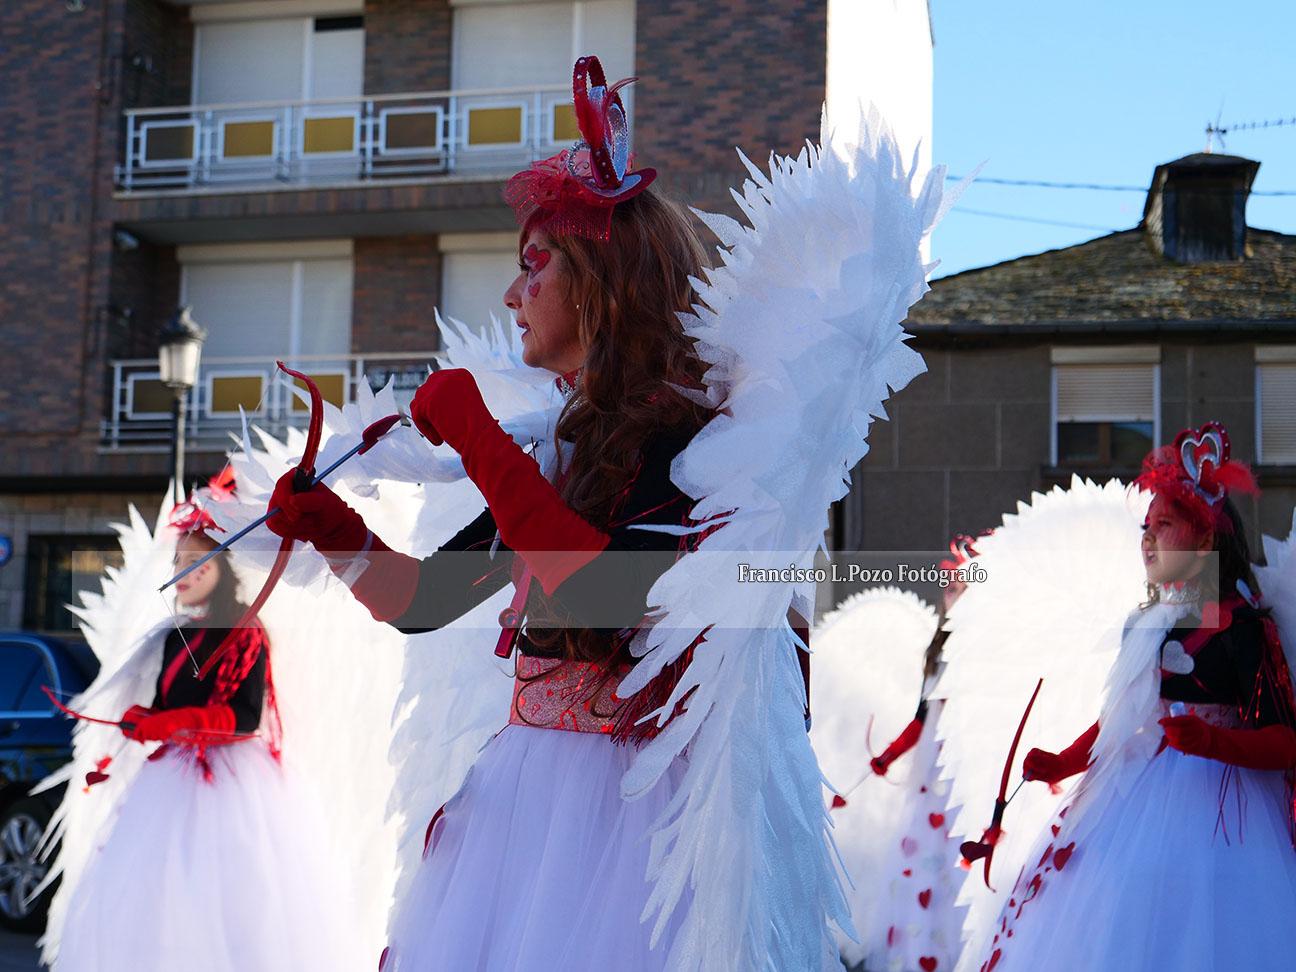 Carnaval 2020: Camponaraya sale a la calle a ritmo de comparsa 137